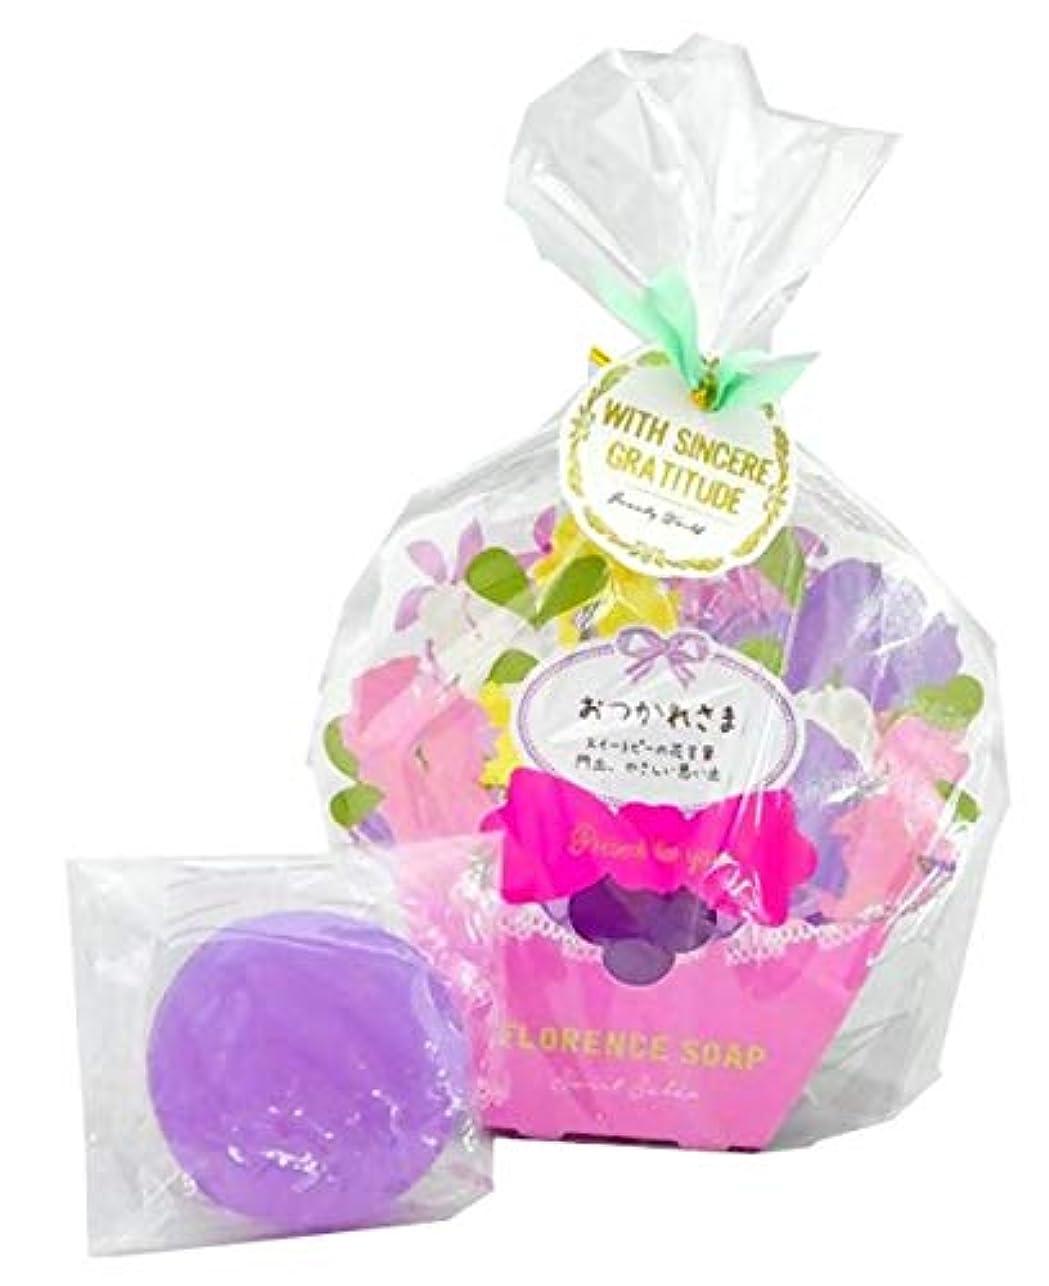 廃棄するたるみラブビューティーワールド BWフローレンスの香り石けん 花束パッケージ 6個セット FSP383?スウィートシャボン